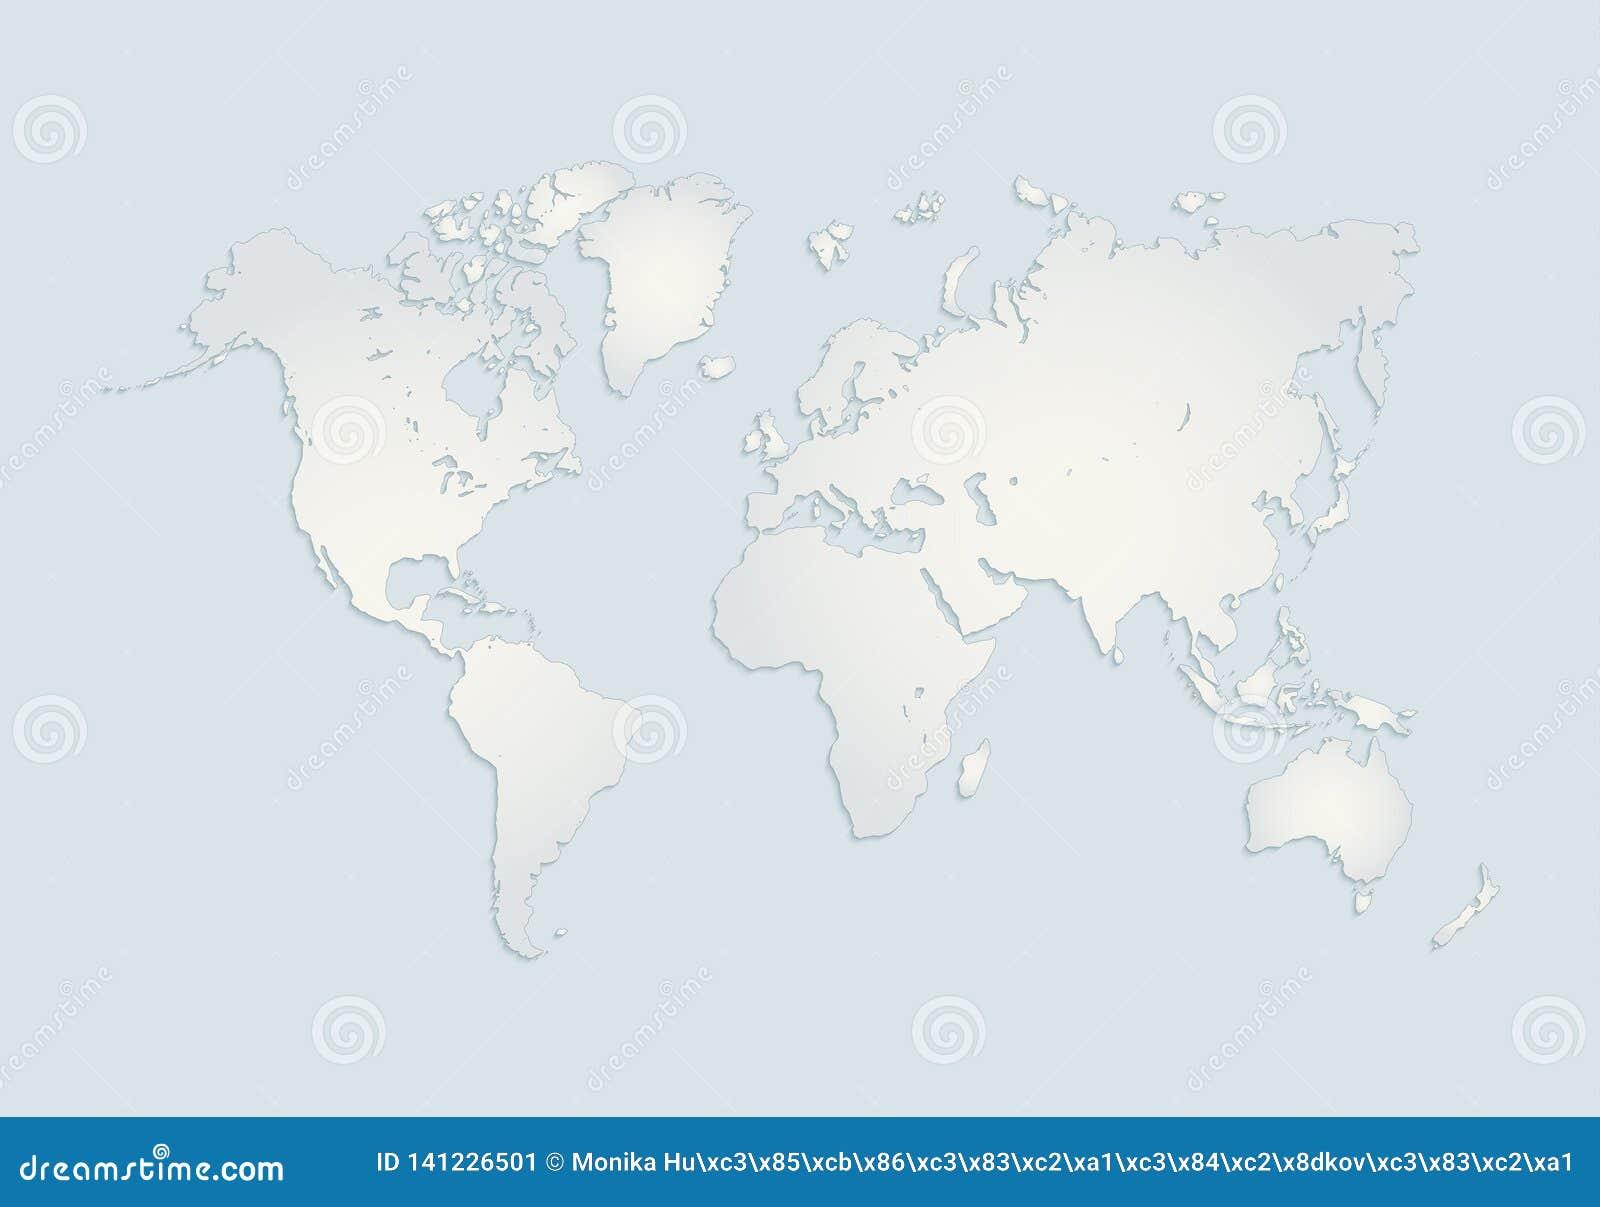 Οι παγκόσμιες ήπειροι χαρτογραφούν, Αμερική, Ευρώπη, Αφρική, Ασία, Αυστραλία, μπλε τρισδιάστατο κενό της Λευκής Βίβλου